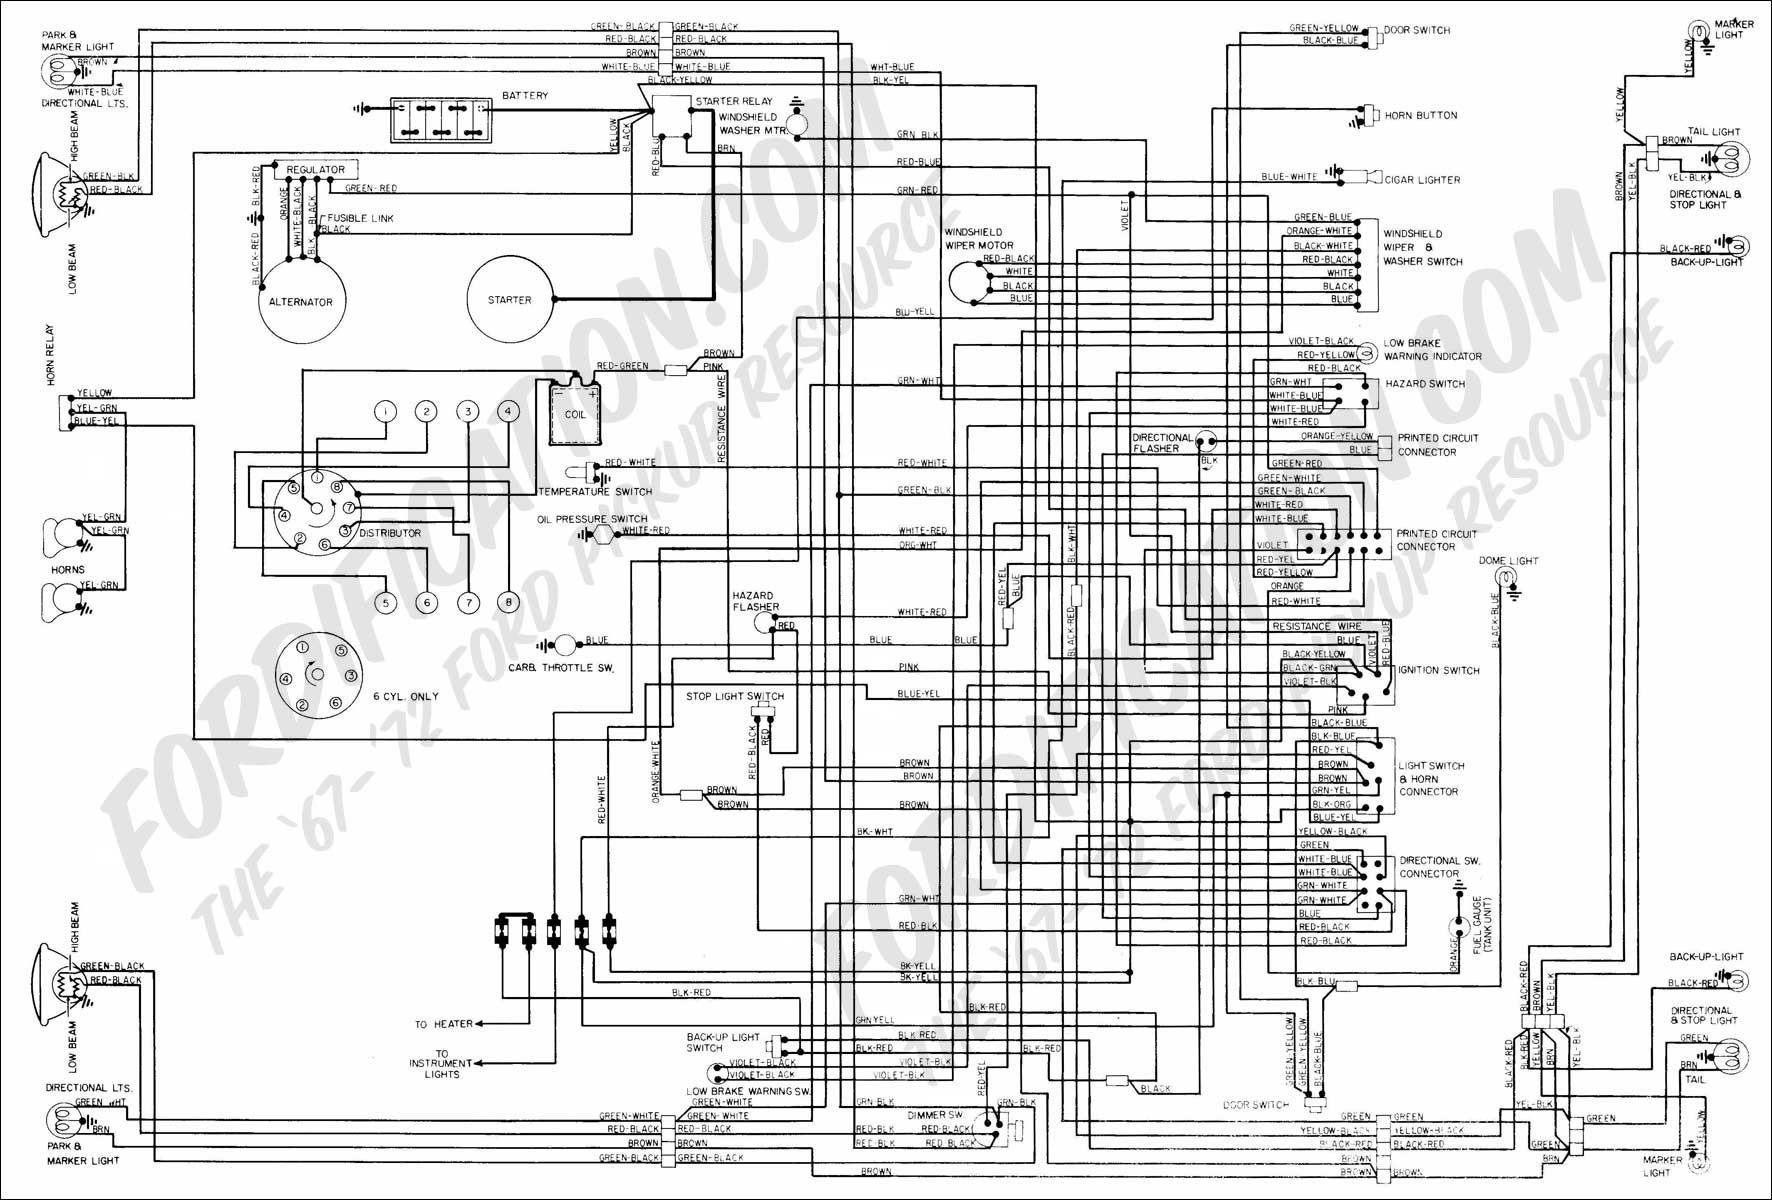 f700 wiring diagram wiring diagram u2022 rh growbyte co 1984 ford f700 wiring diagram 1992 ford f700 wiring diagram